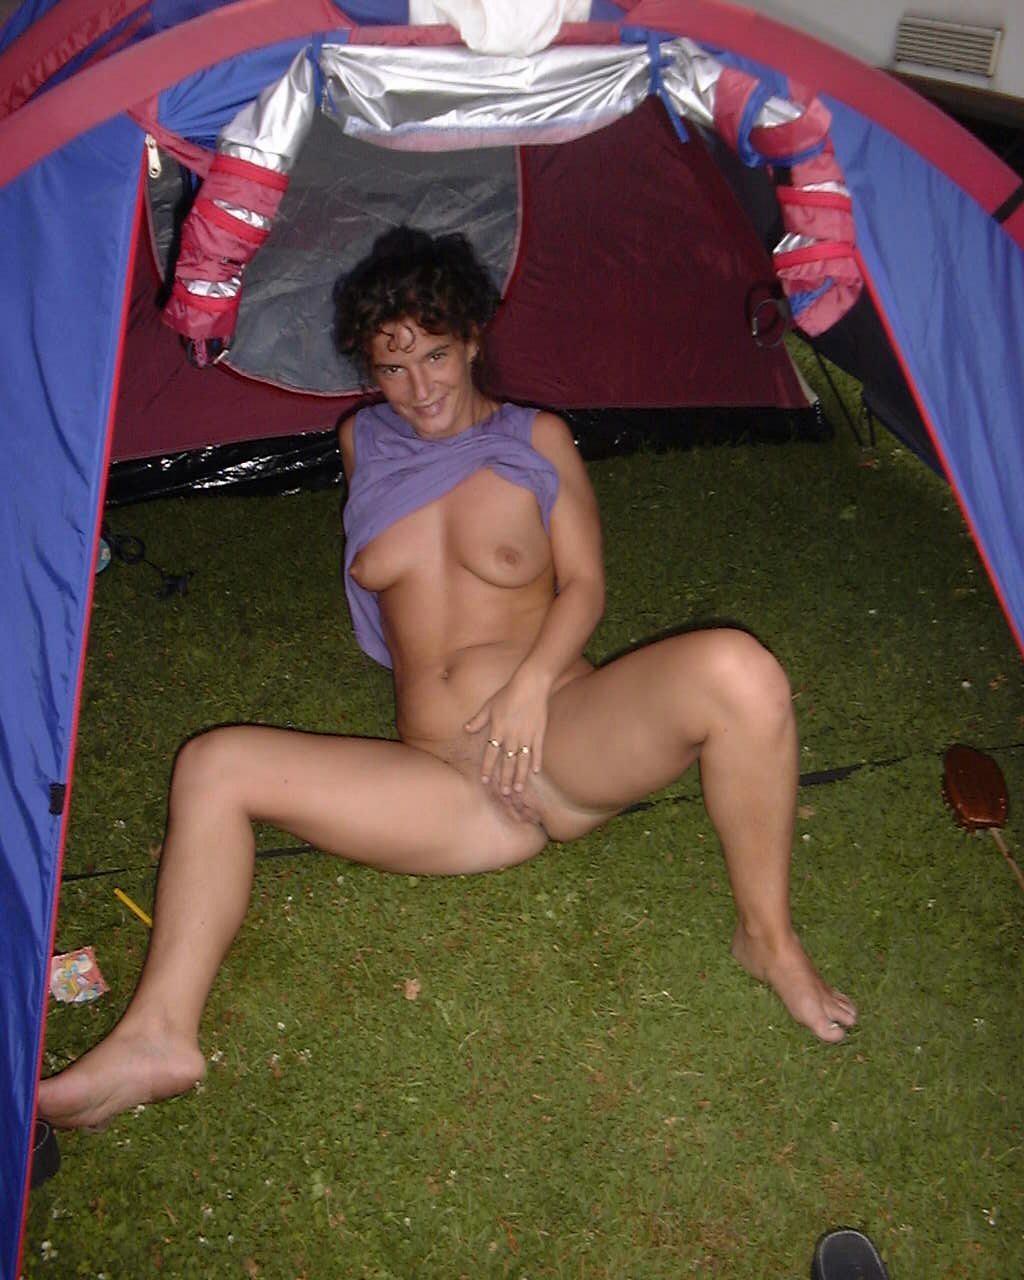 Обнаженная особа светит писечкой в палатке